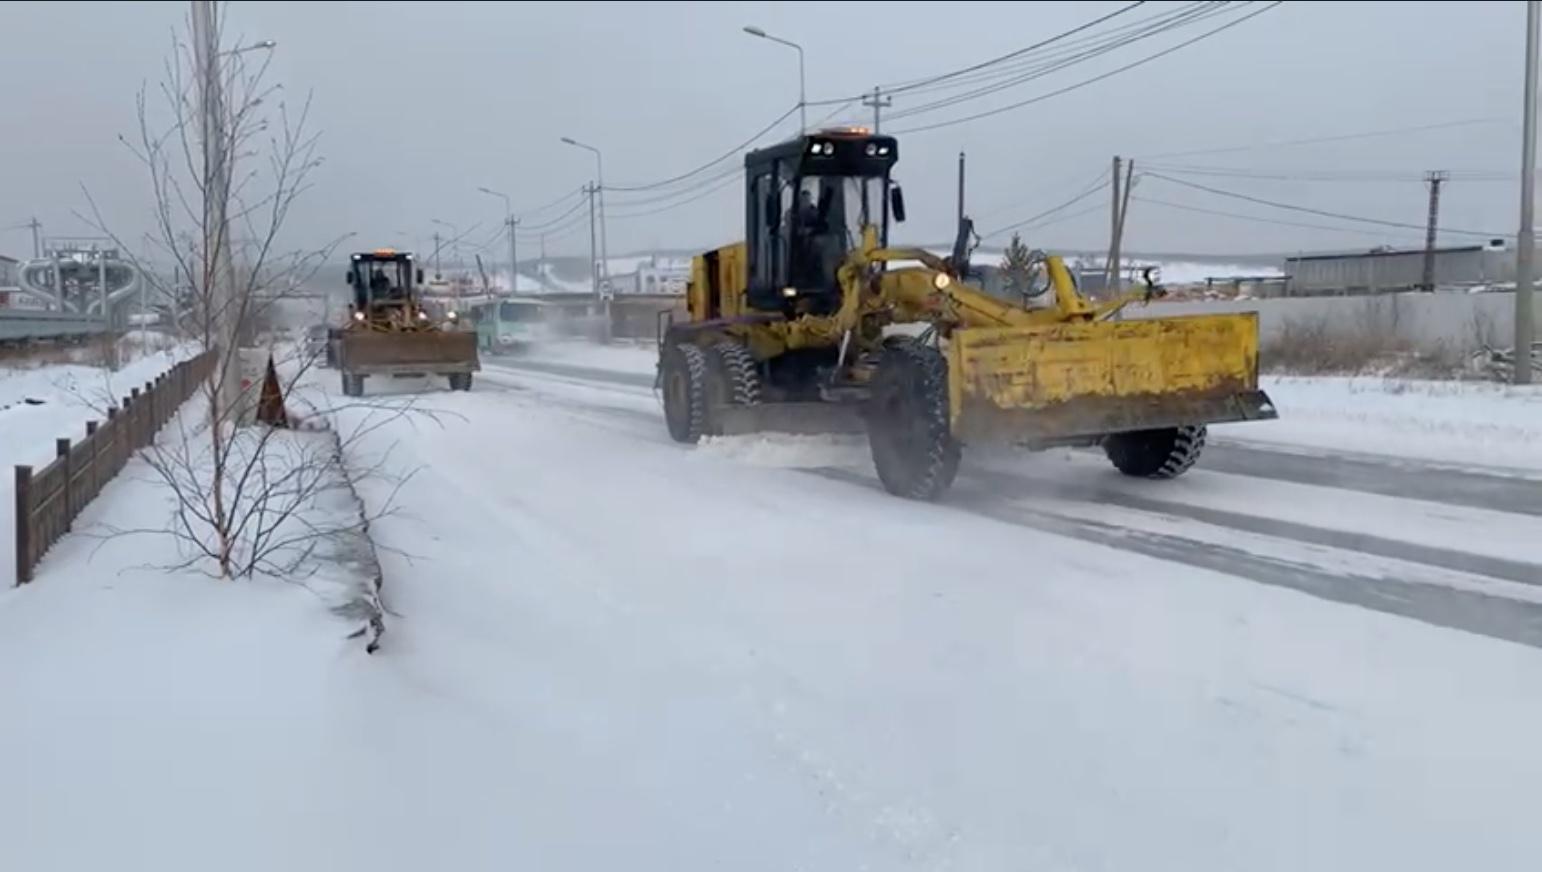 Дорожники в усиленном режиме убирают и вывозят снег с улиц Якутска